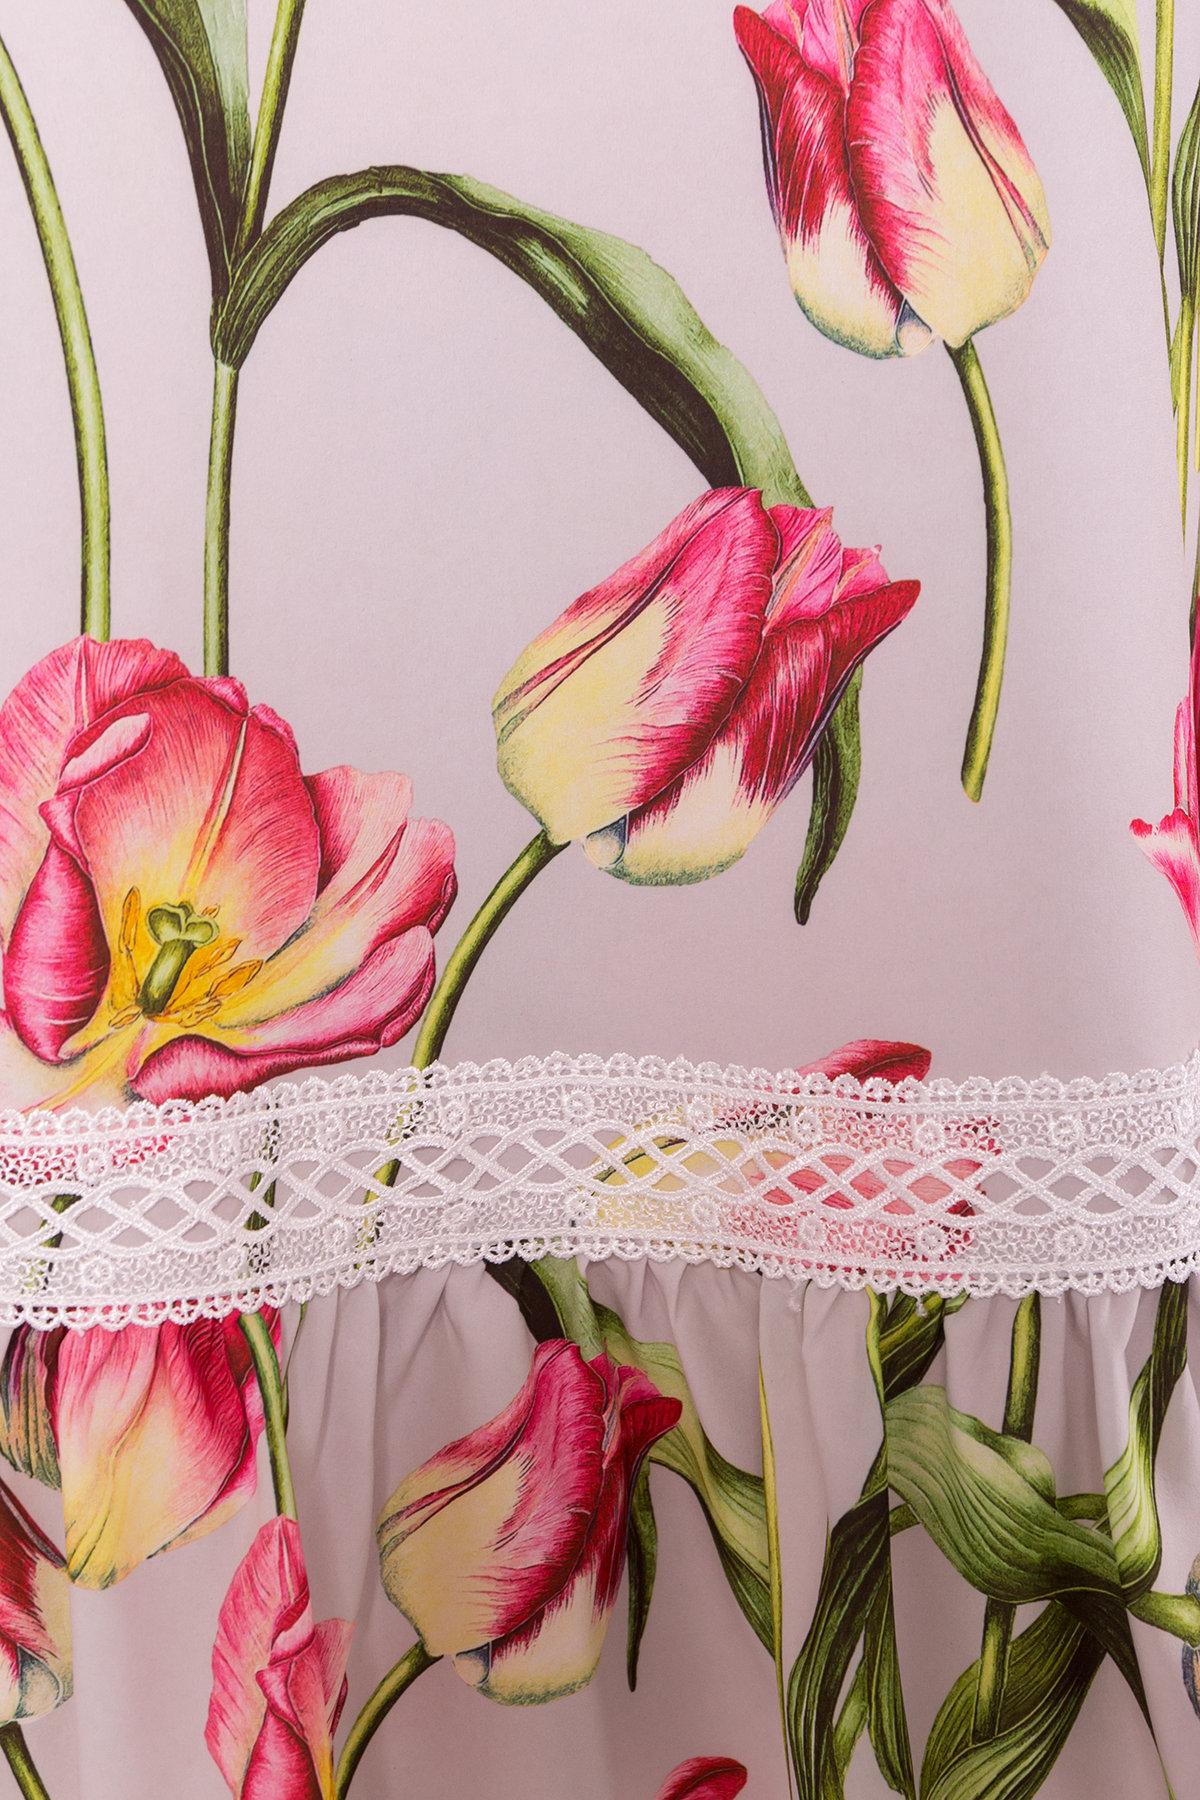 Платье Инга 7063 АРТ. 43062 Цвет: Тюльпан серый/розовый - фото 4, интернет магазин tm-modus.ru